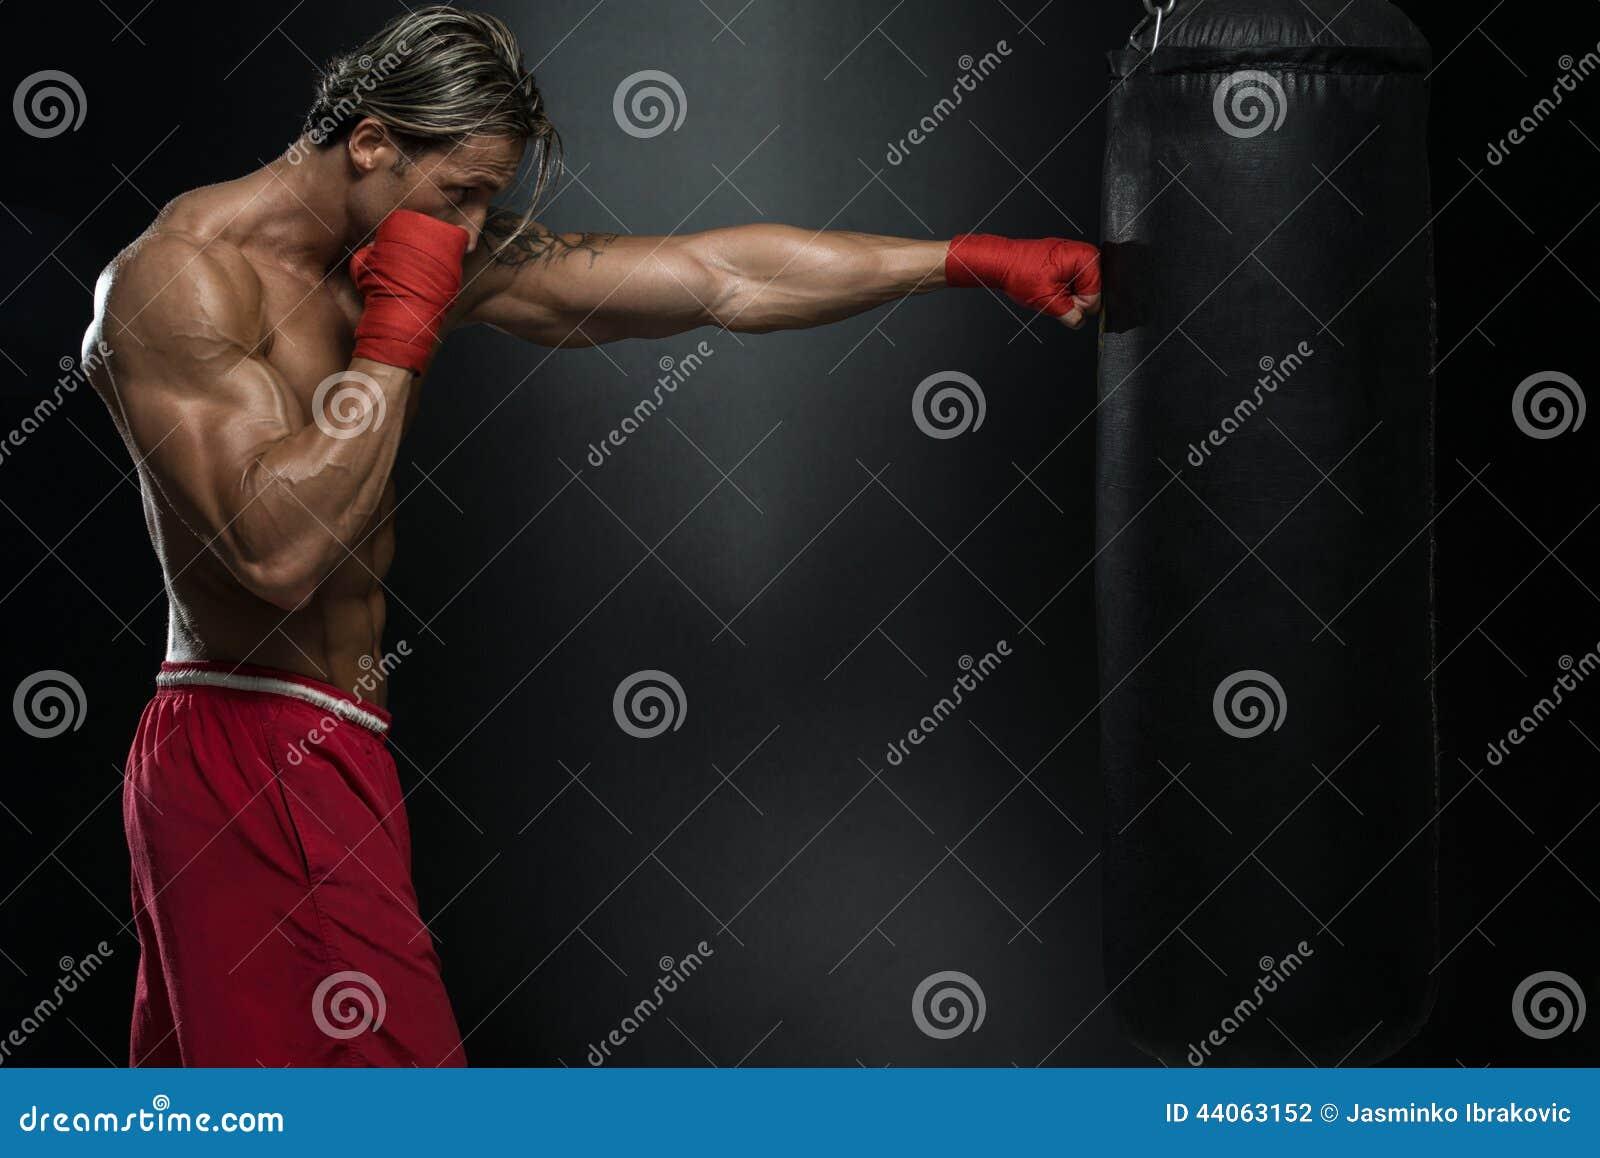 有纹身花刺的在红色拳击手套-在黑背景的拳击一个人-一种健康生活